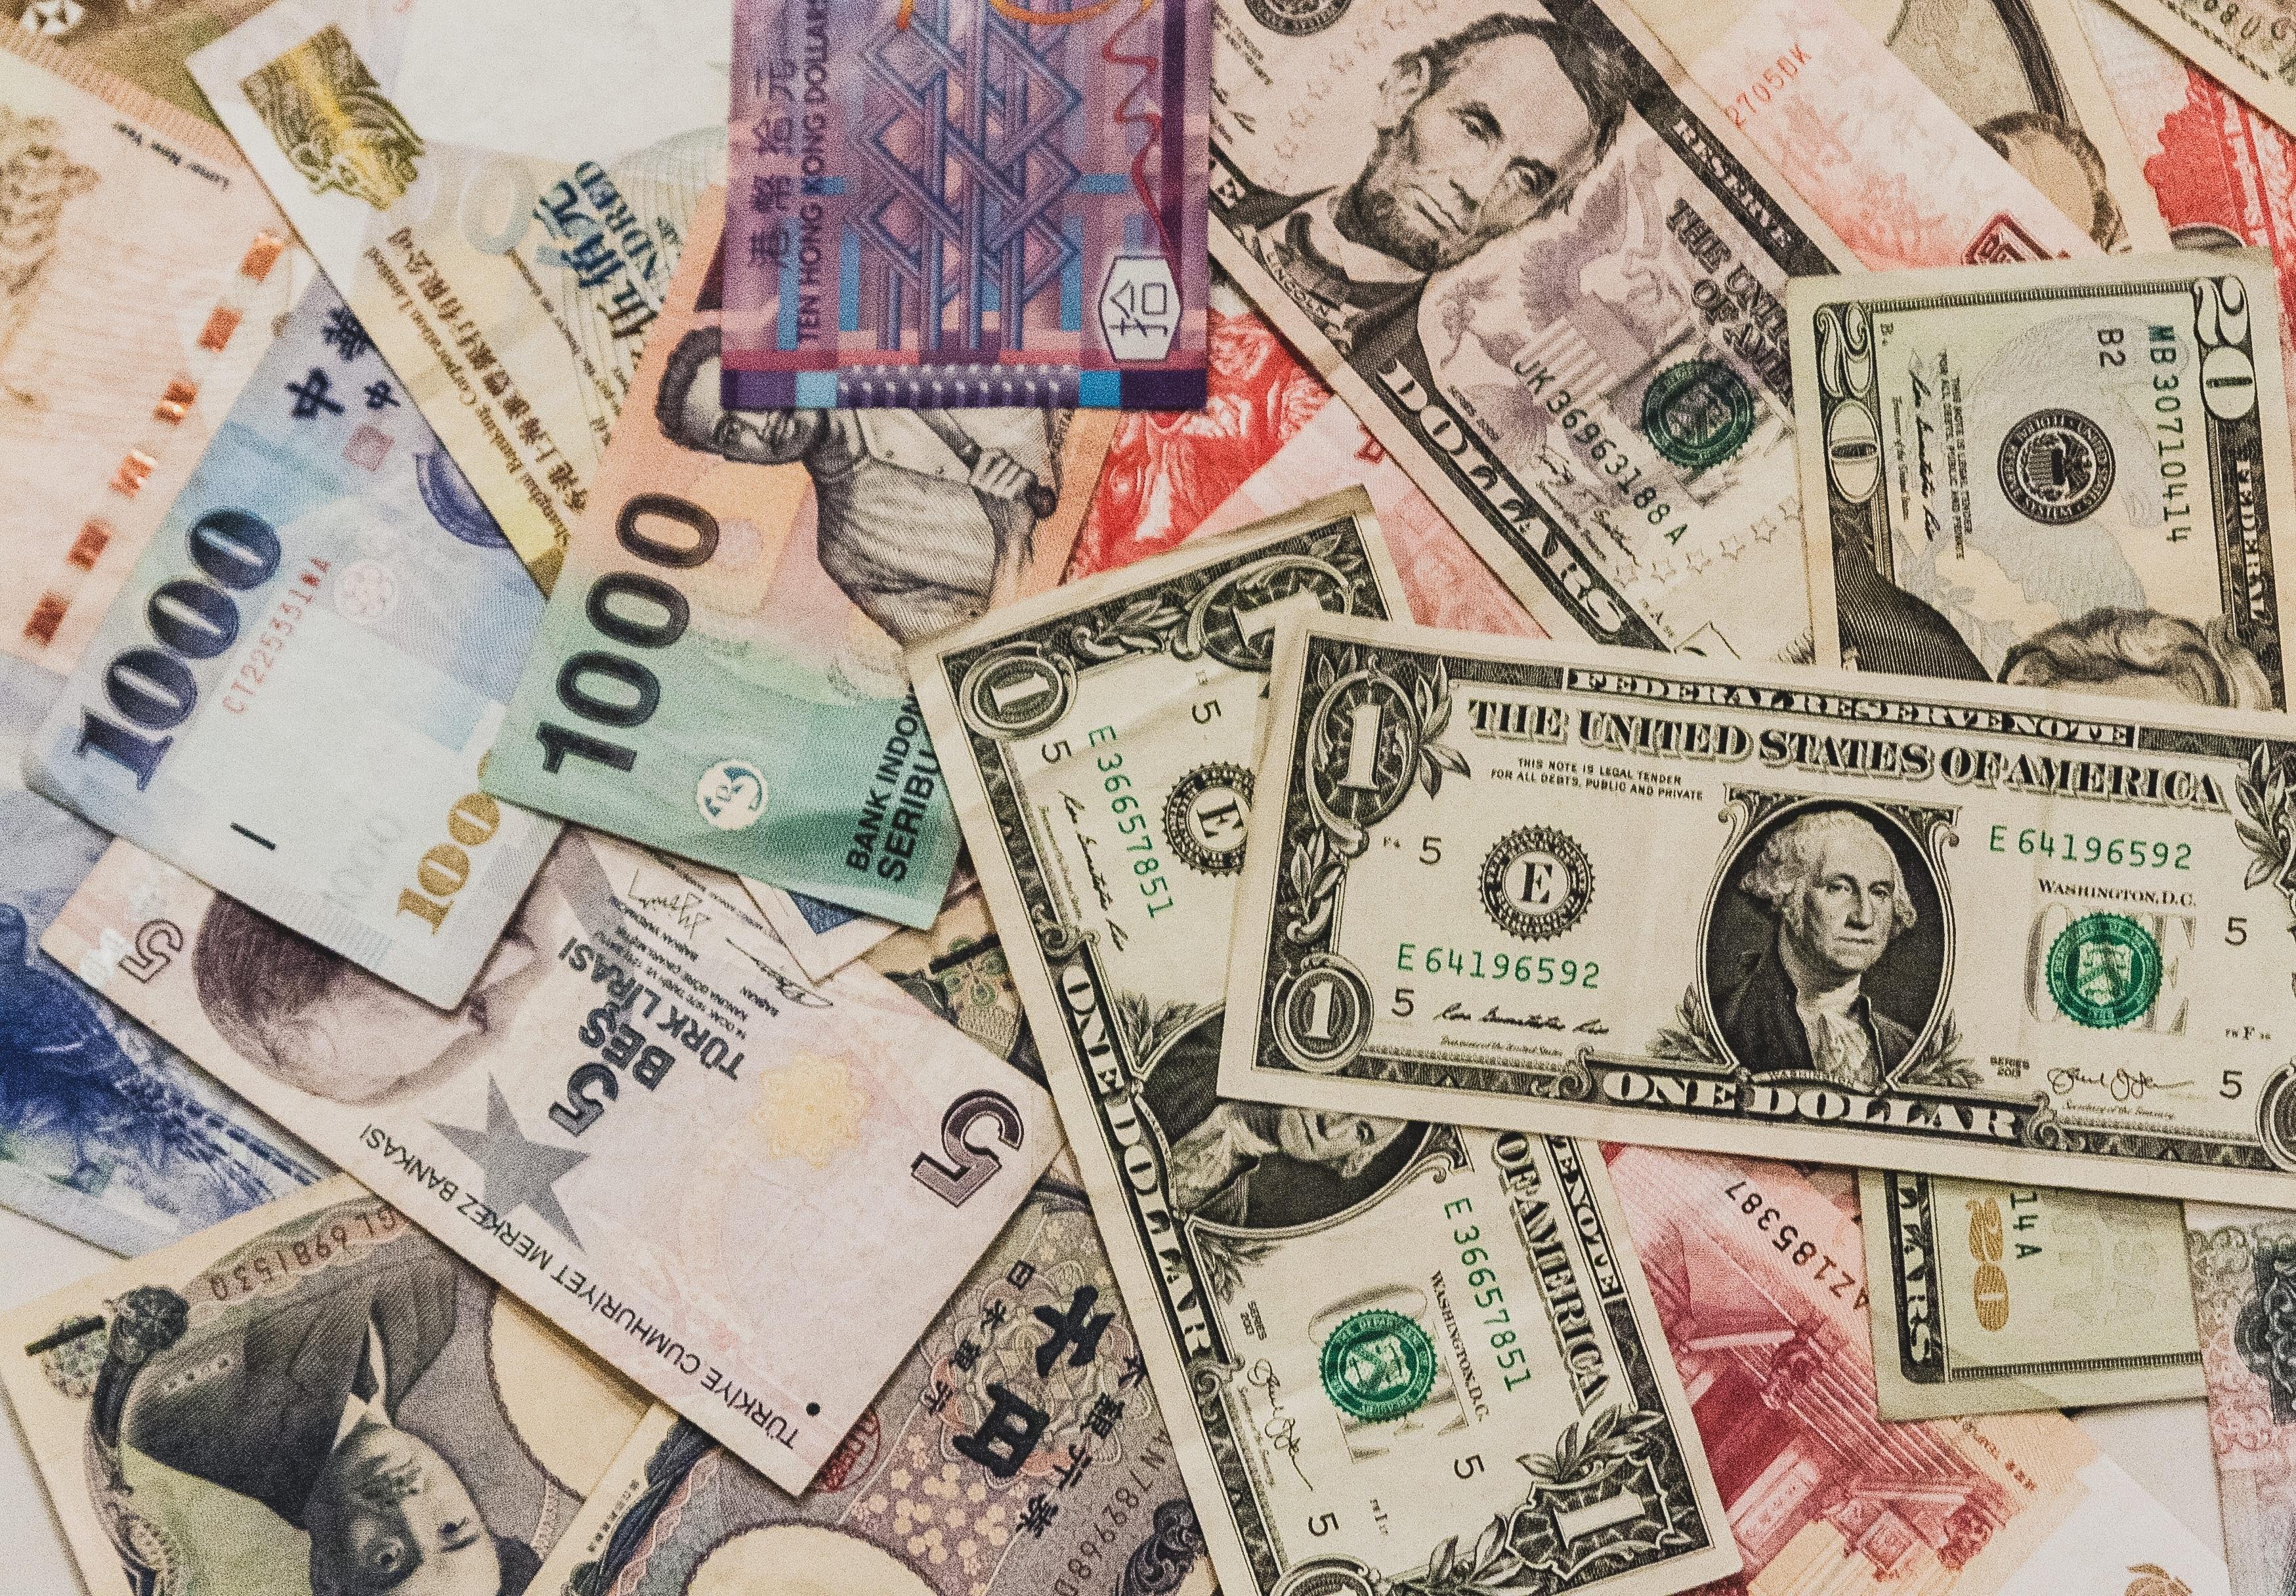 プレミアム商品券はバラマキ政策?